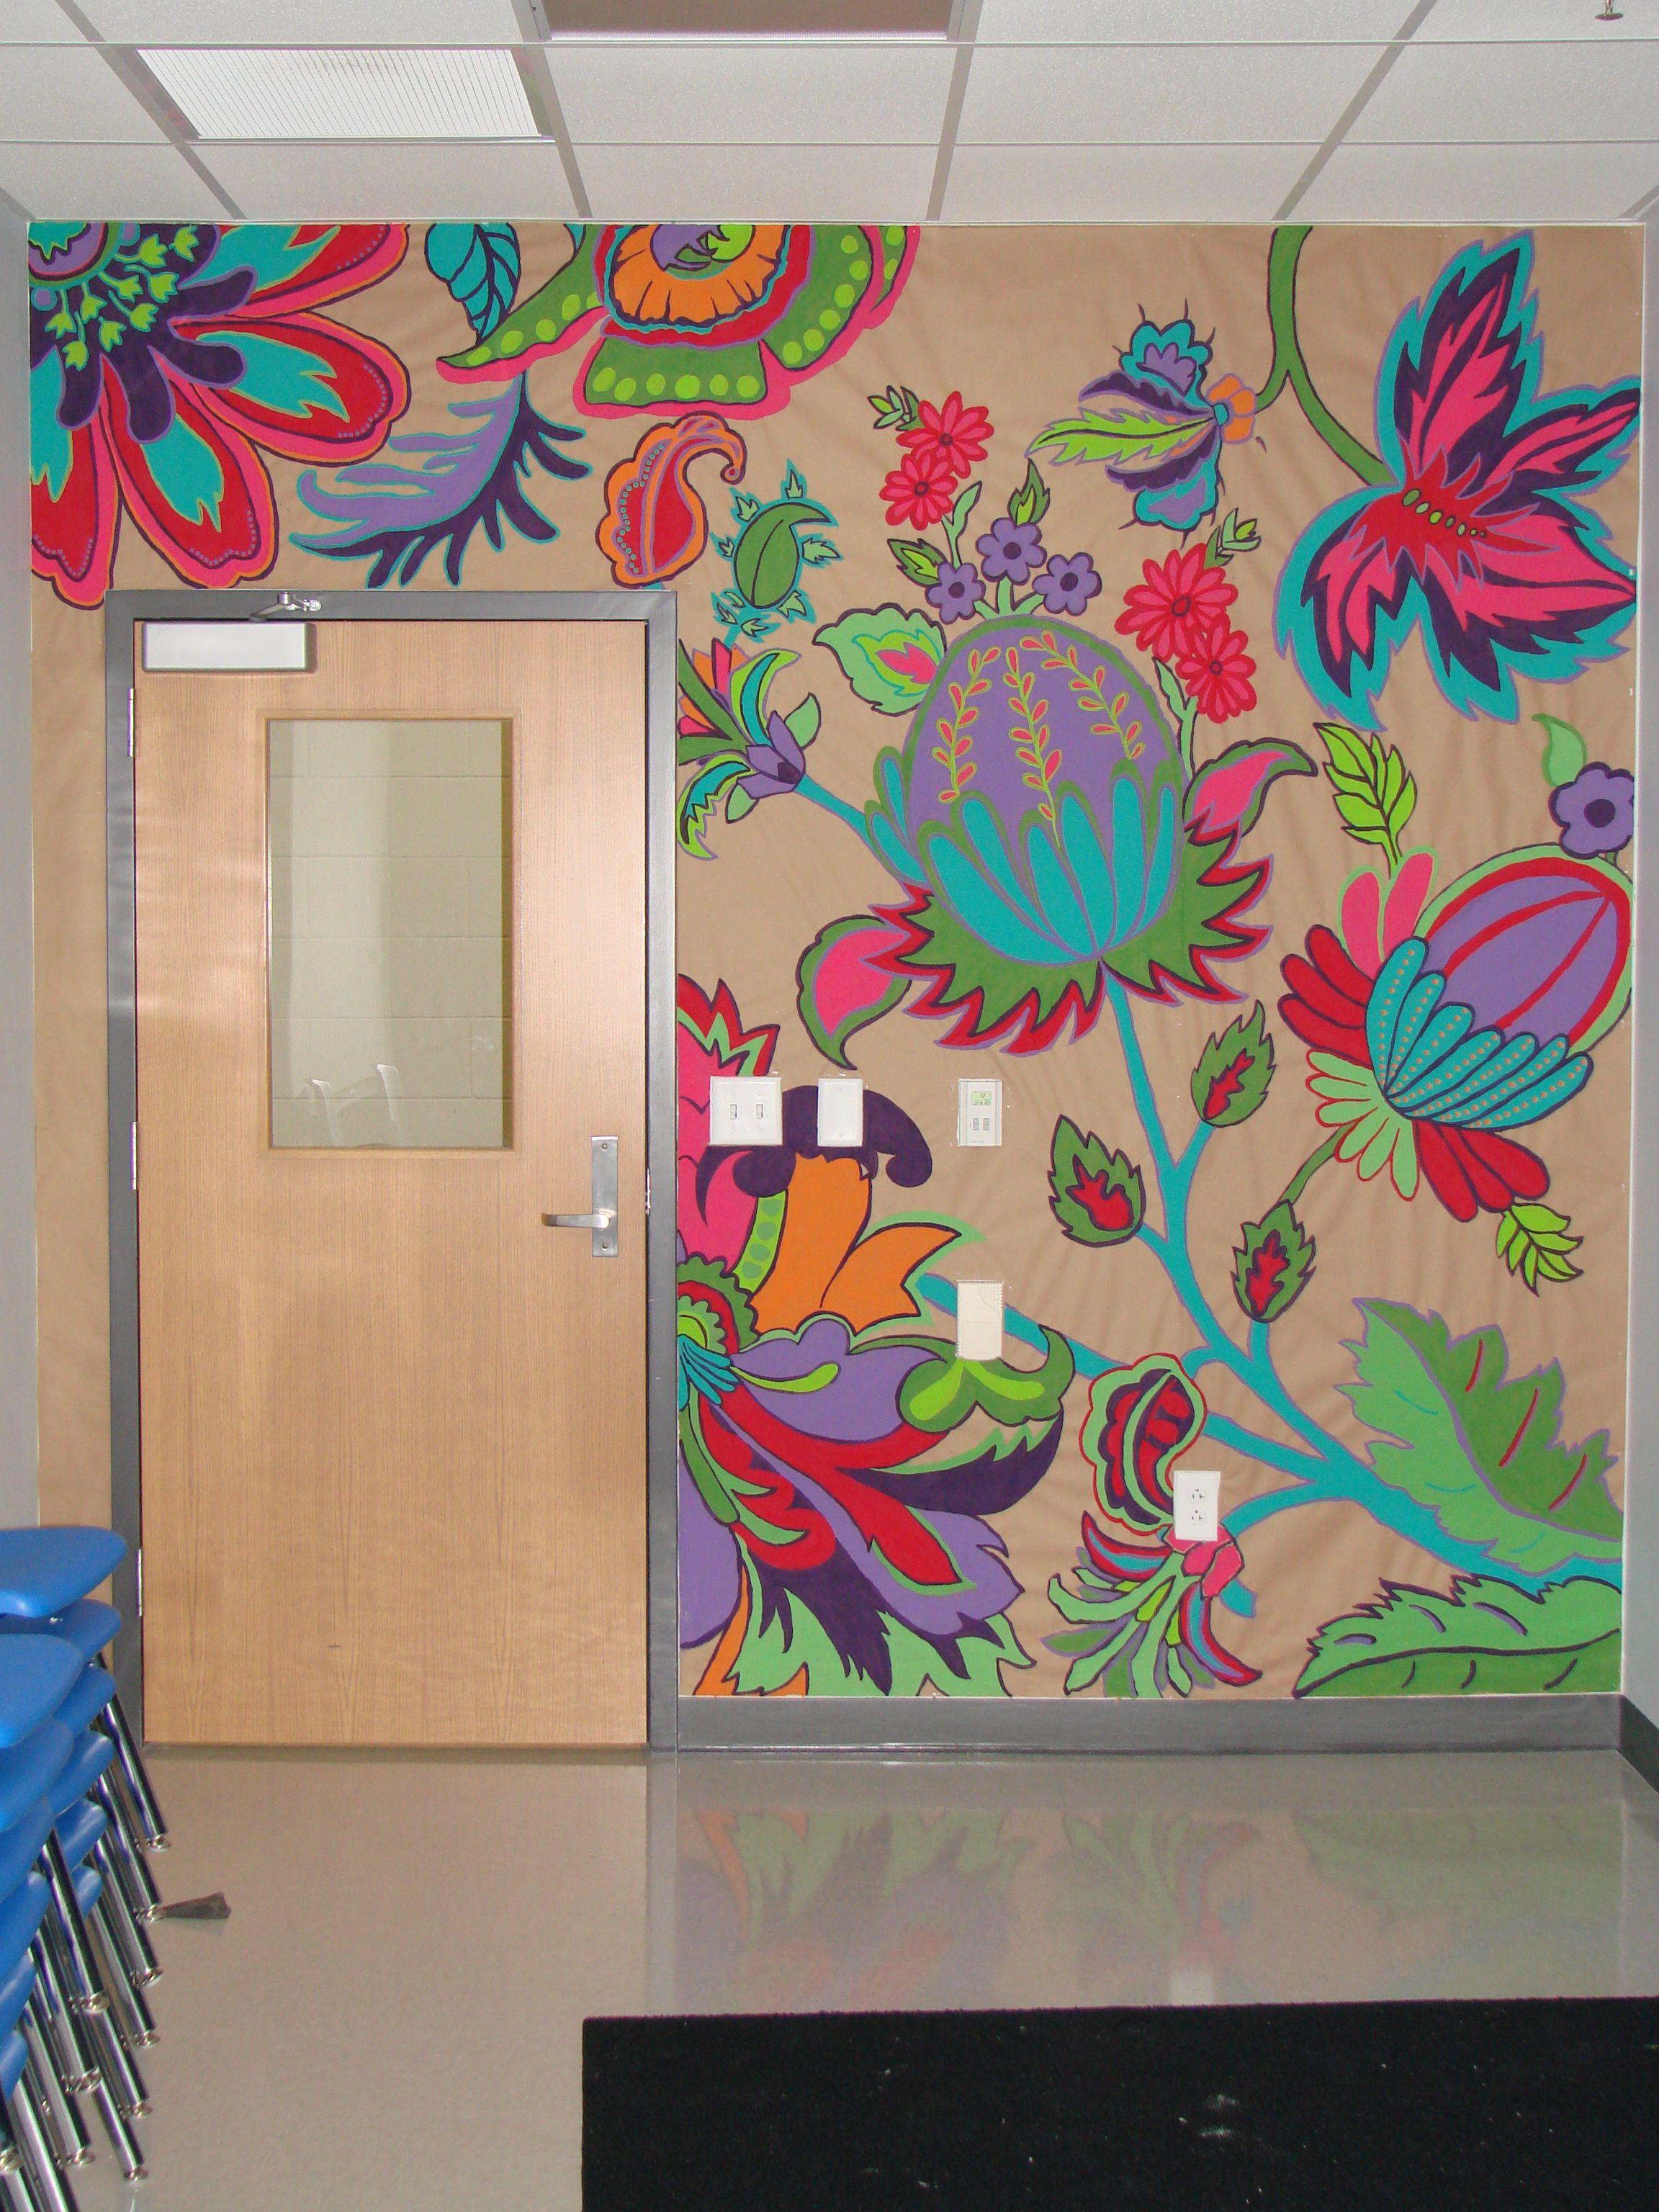 Classroom Art Wall Mural